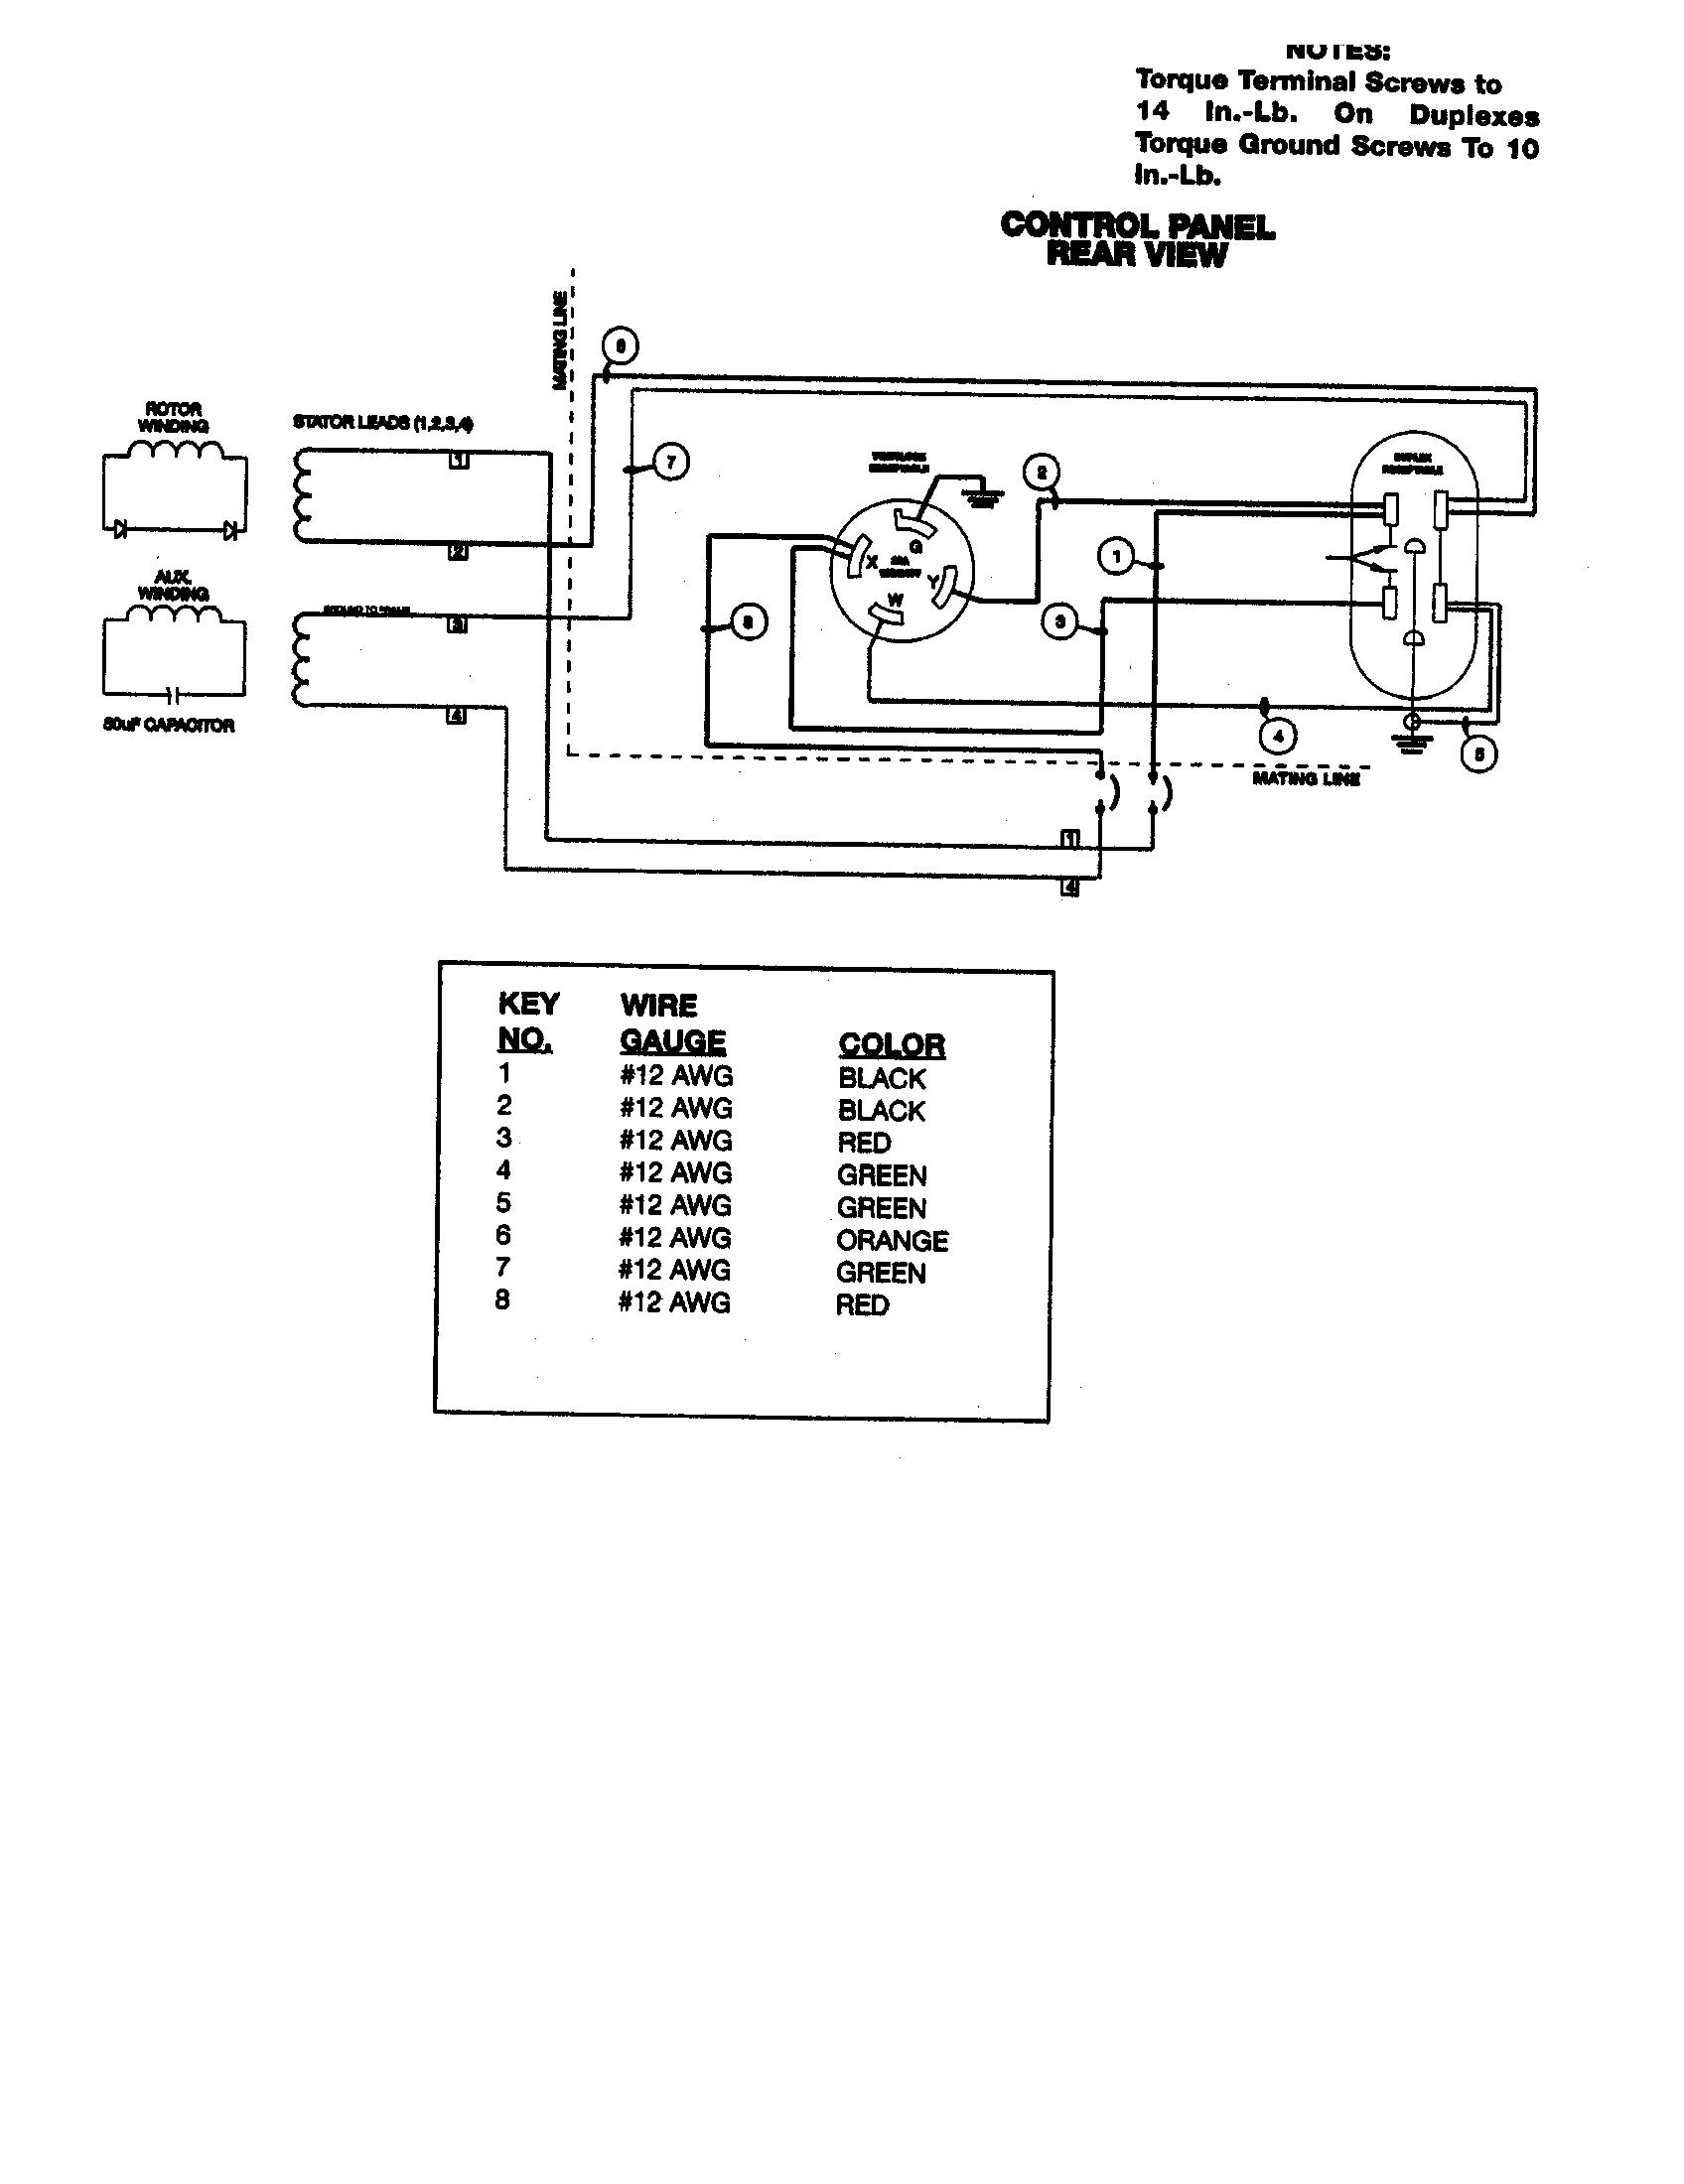 [SCHEMATICS_4LK]  GS_6507] Devilbiss Air Compressor Wiring Diagram Free Diagram | Devilbiss Air Compressor Wiring Diagram |  | Exxlu Puti Mohammedshrine Librar Wiring 101